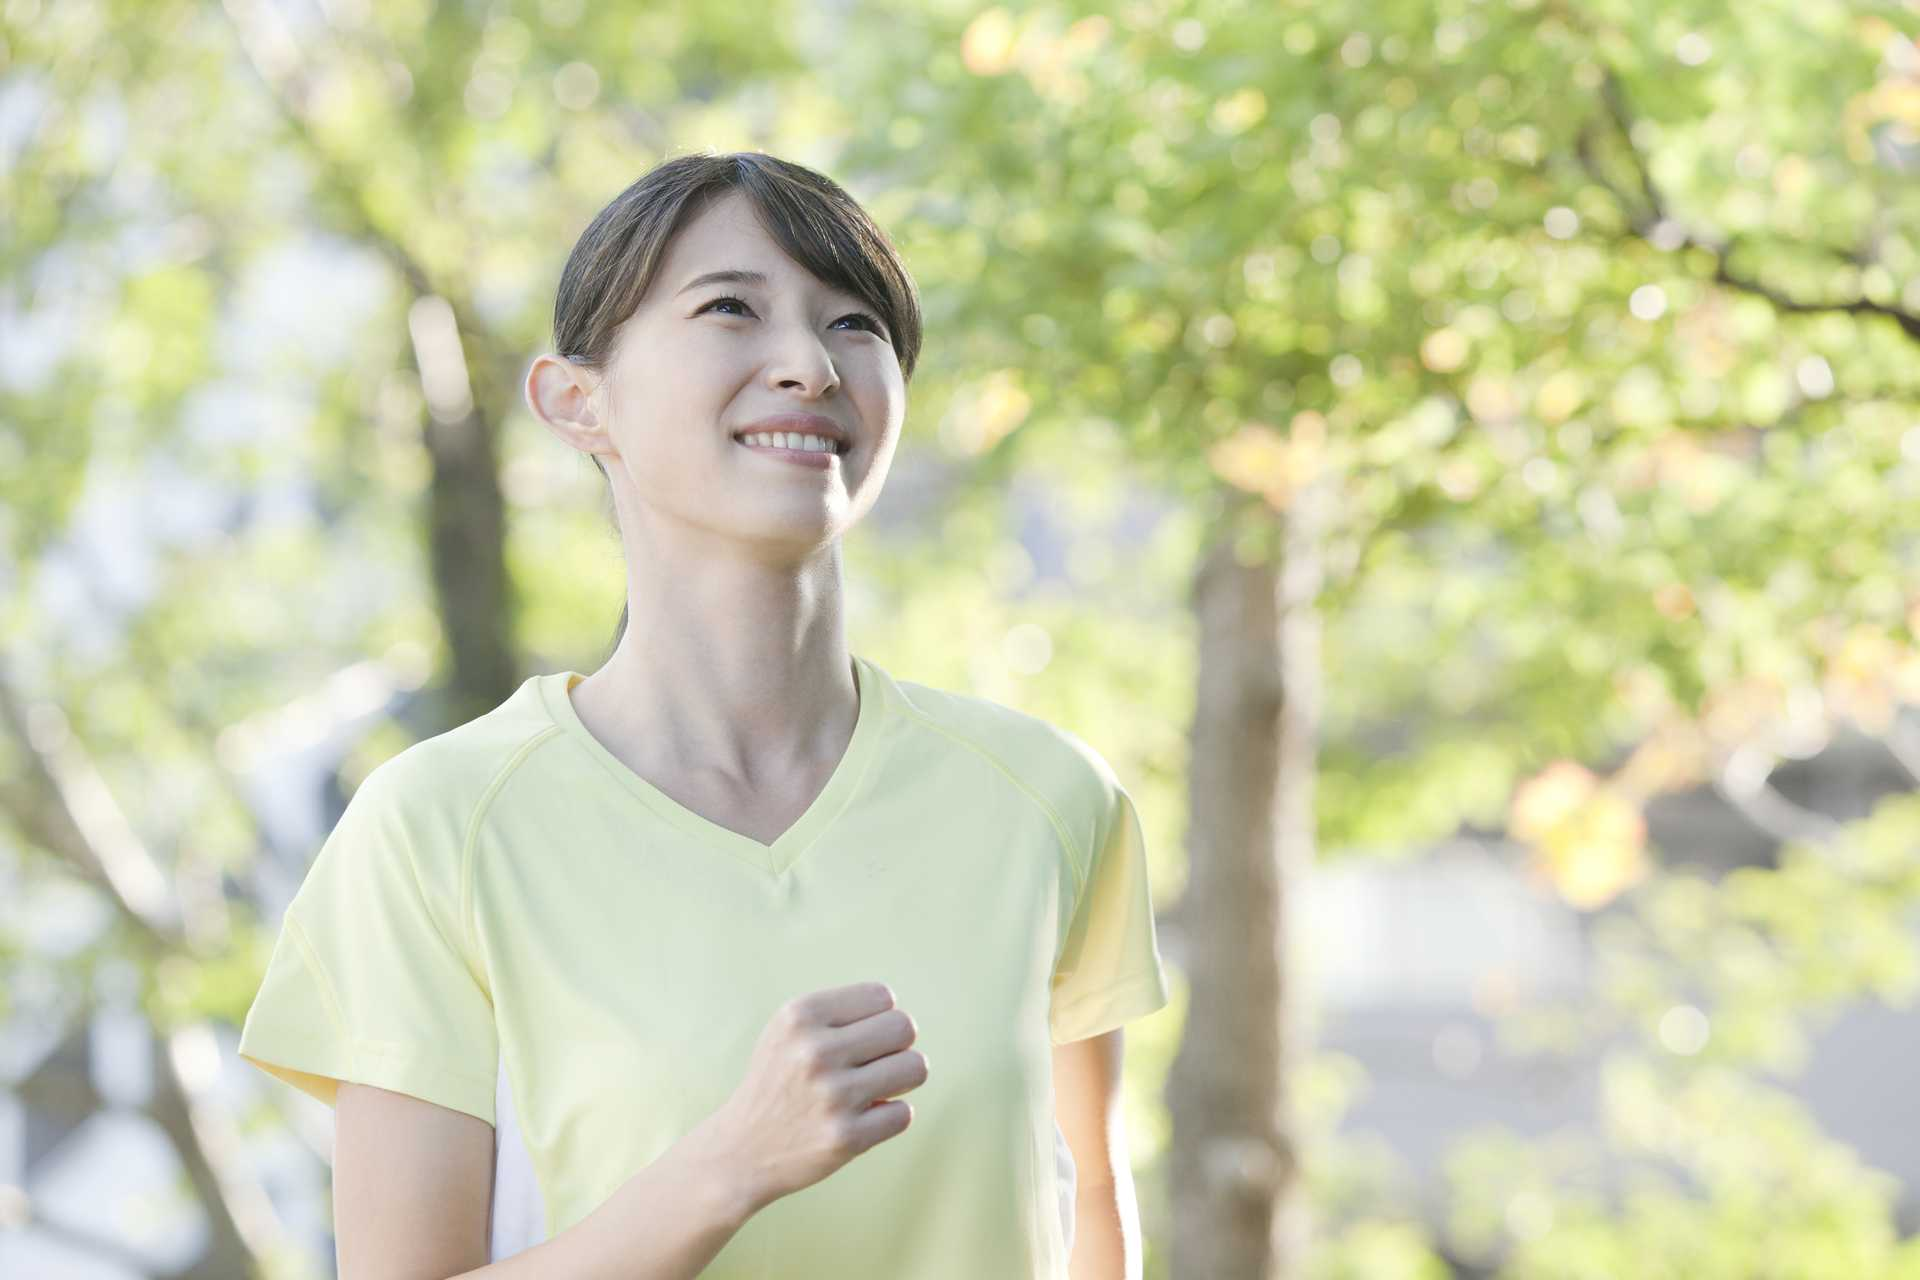 冒険心をくすぐる上手な歩き方。 | 散歩の楽しみ方に気づく30のポイント